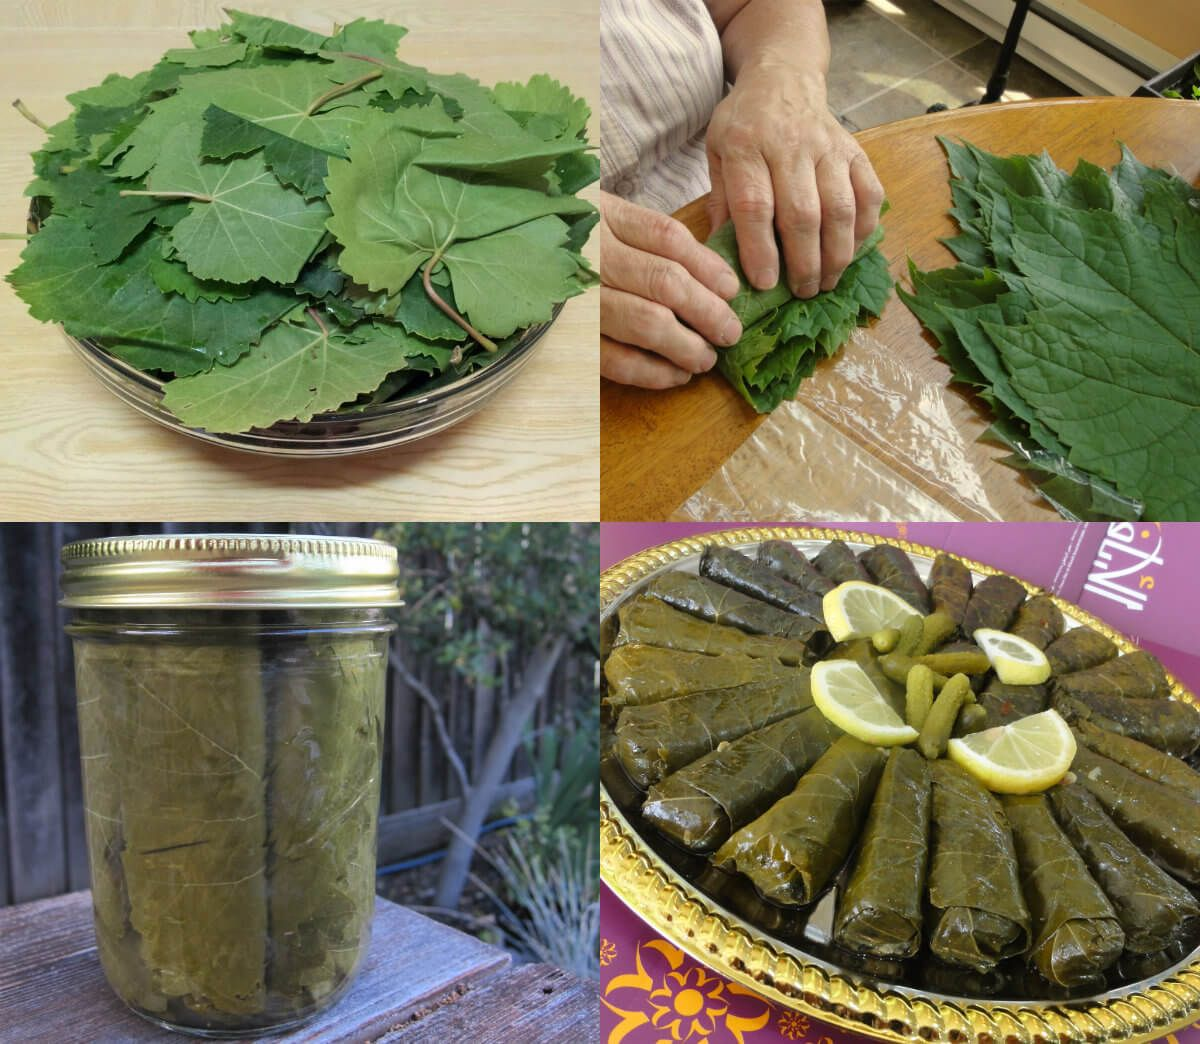 أفضل الطرق لحفظ ورق العنب الطازج لسنوات طويلة عالم الطبخ والجمال Cooking Zolo